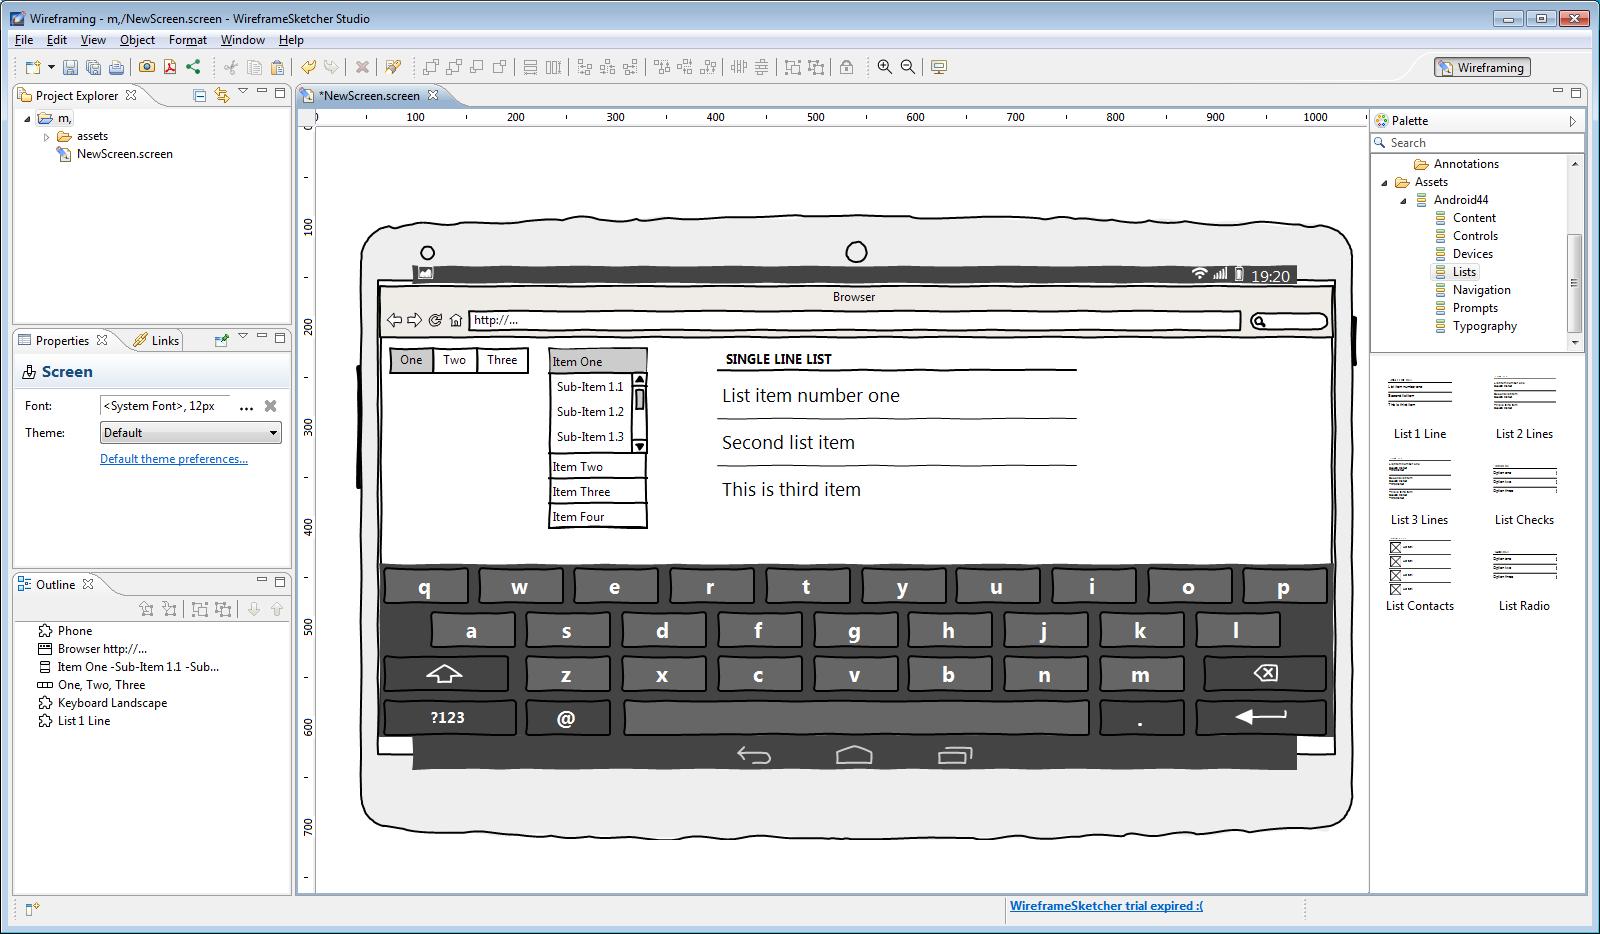 Шаблоны планшета выглядят неаккуратно, но с их помощью можно нарисовать интерфейс для любого устройства